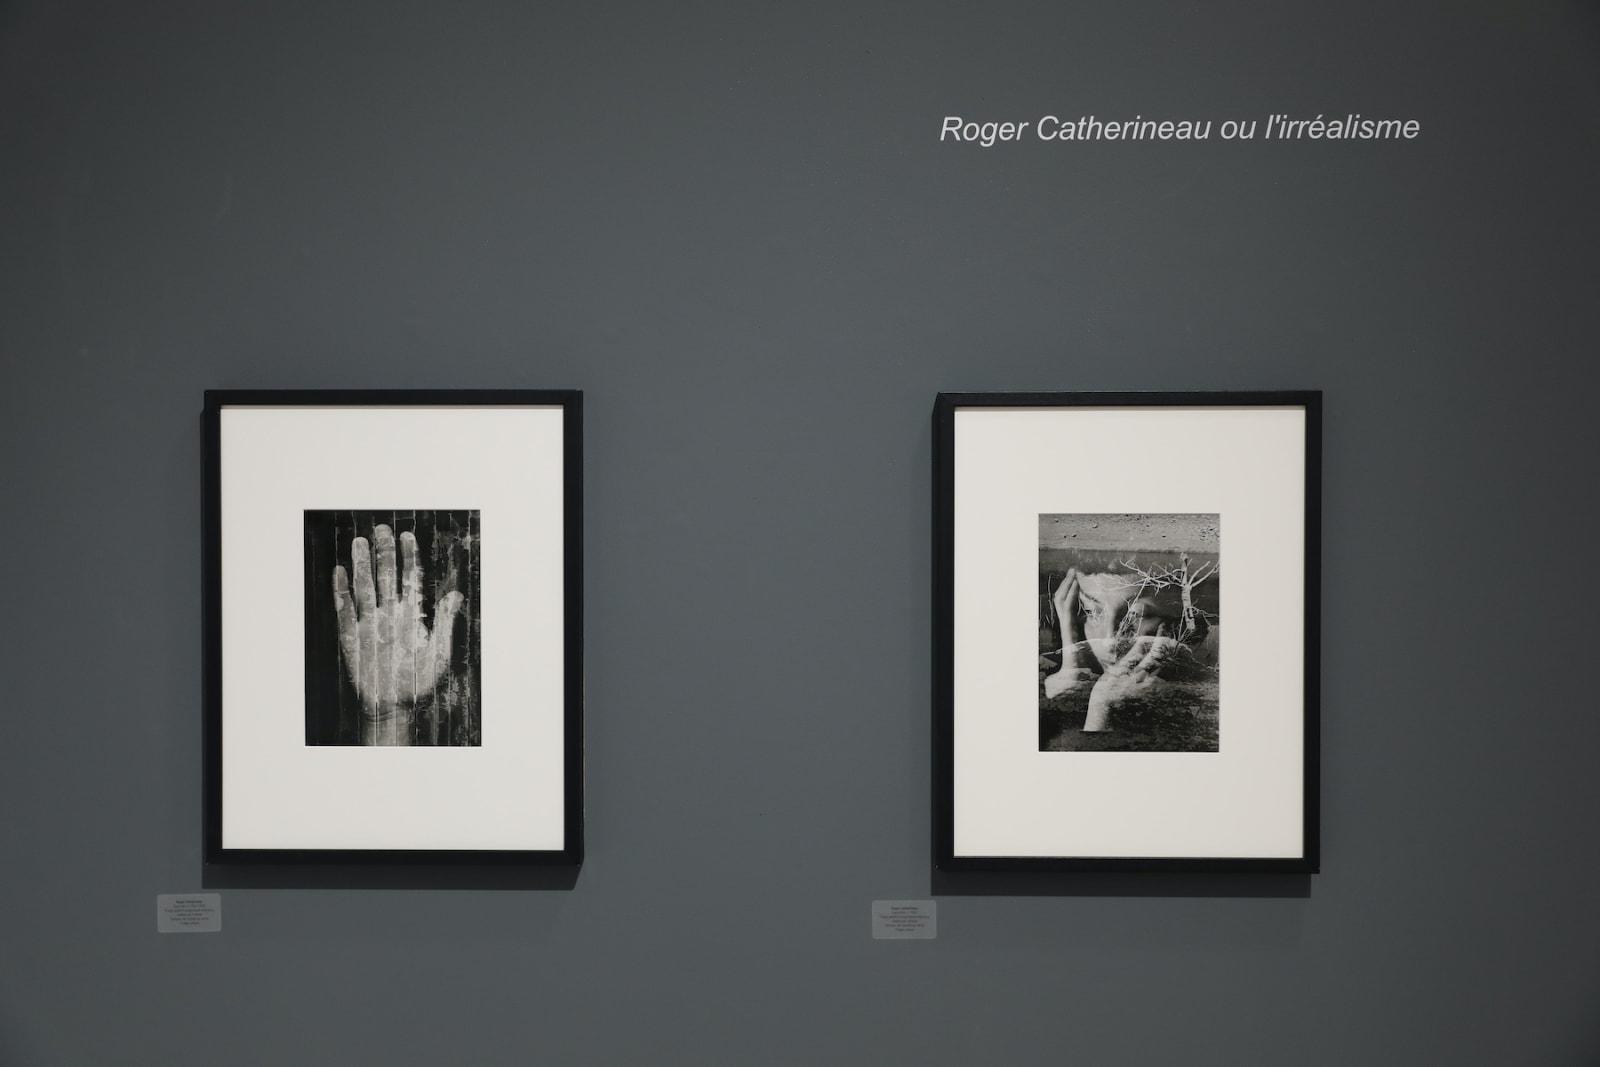 Roger Catherineau ou l'irréalisme